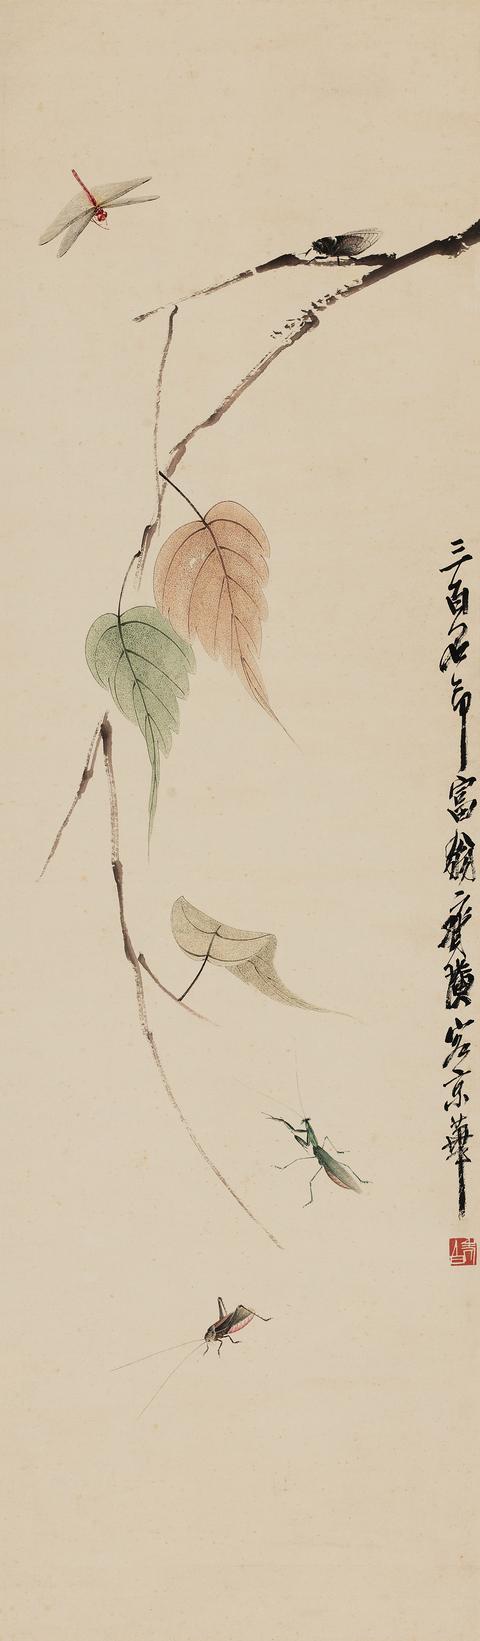 齐白石把草虫画的活灵活现、神形兼备